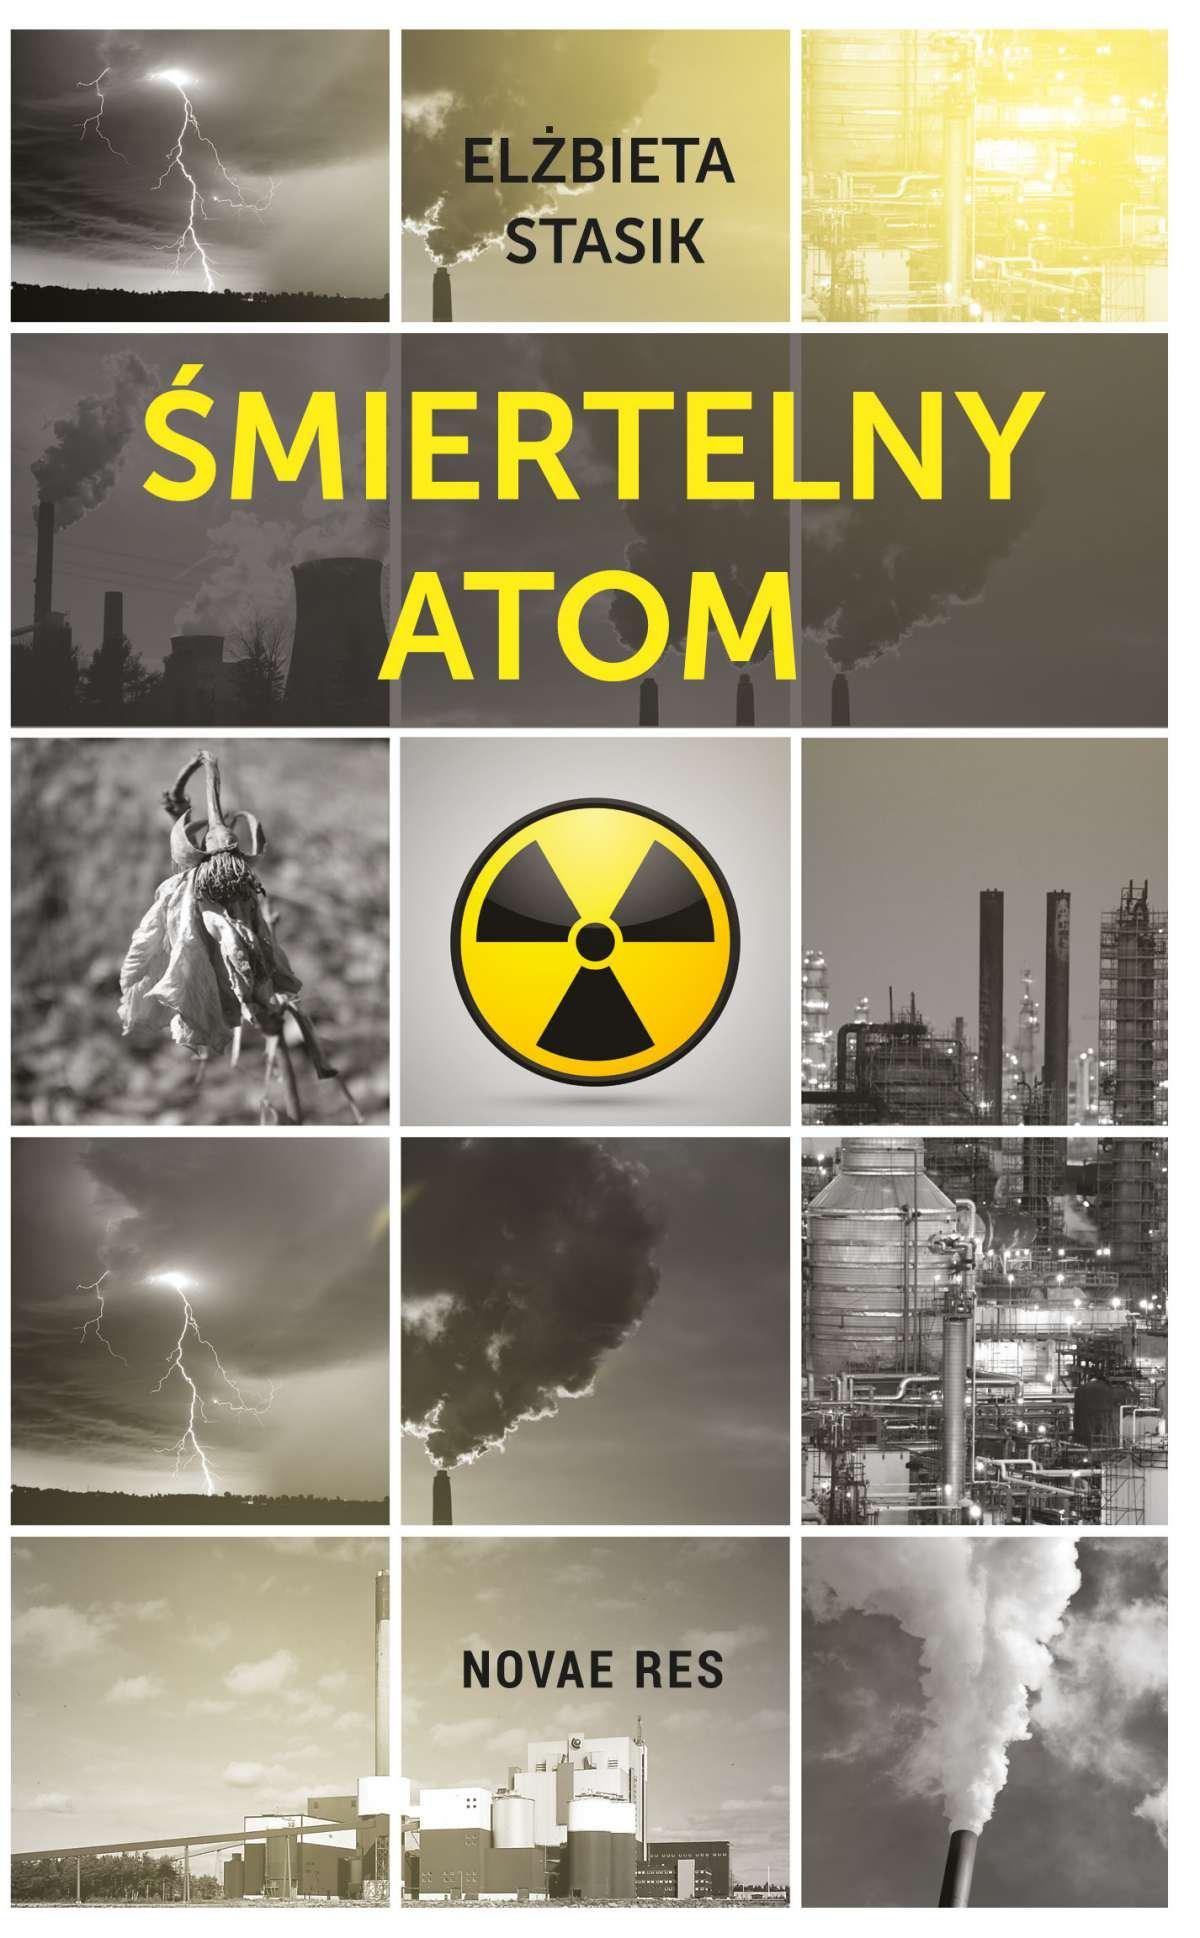 Śmiertelny atom - Ebook (Książka EPUB) do pobrania w formacie EPUB